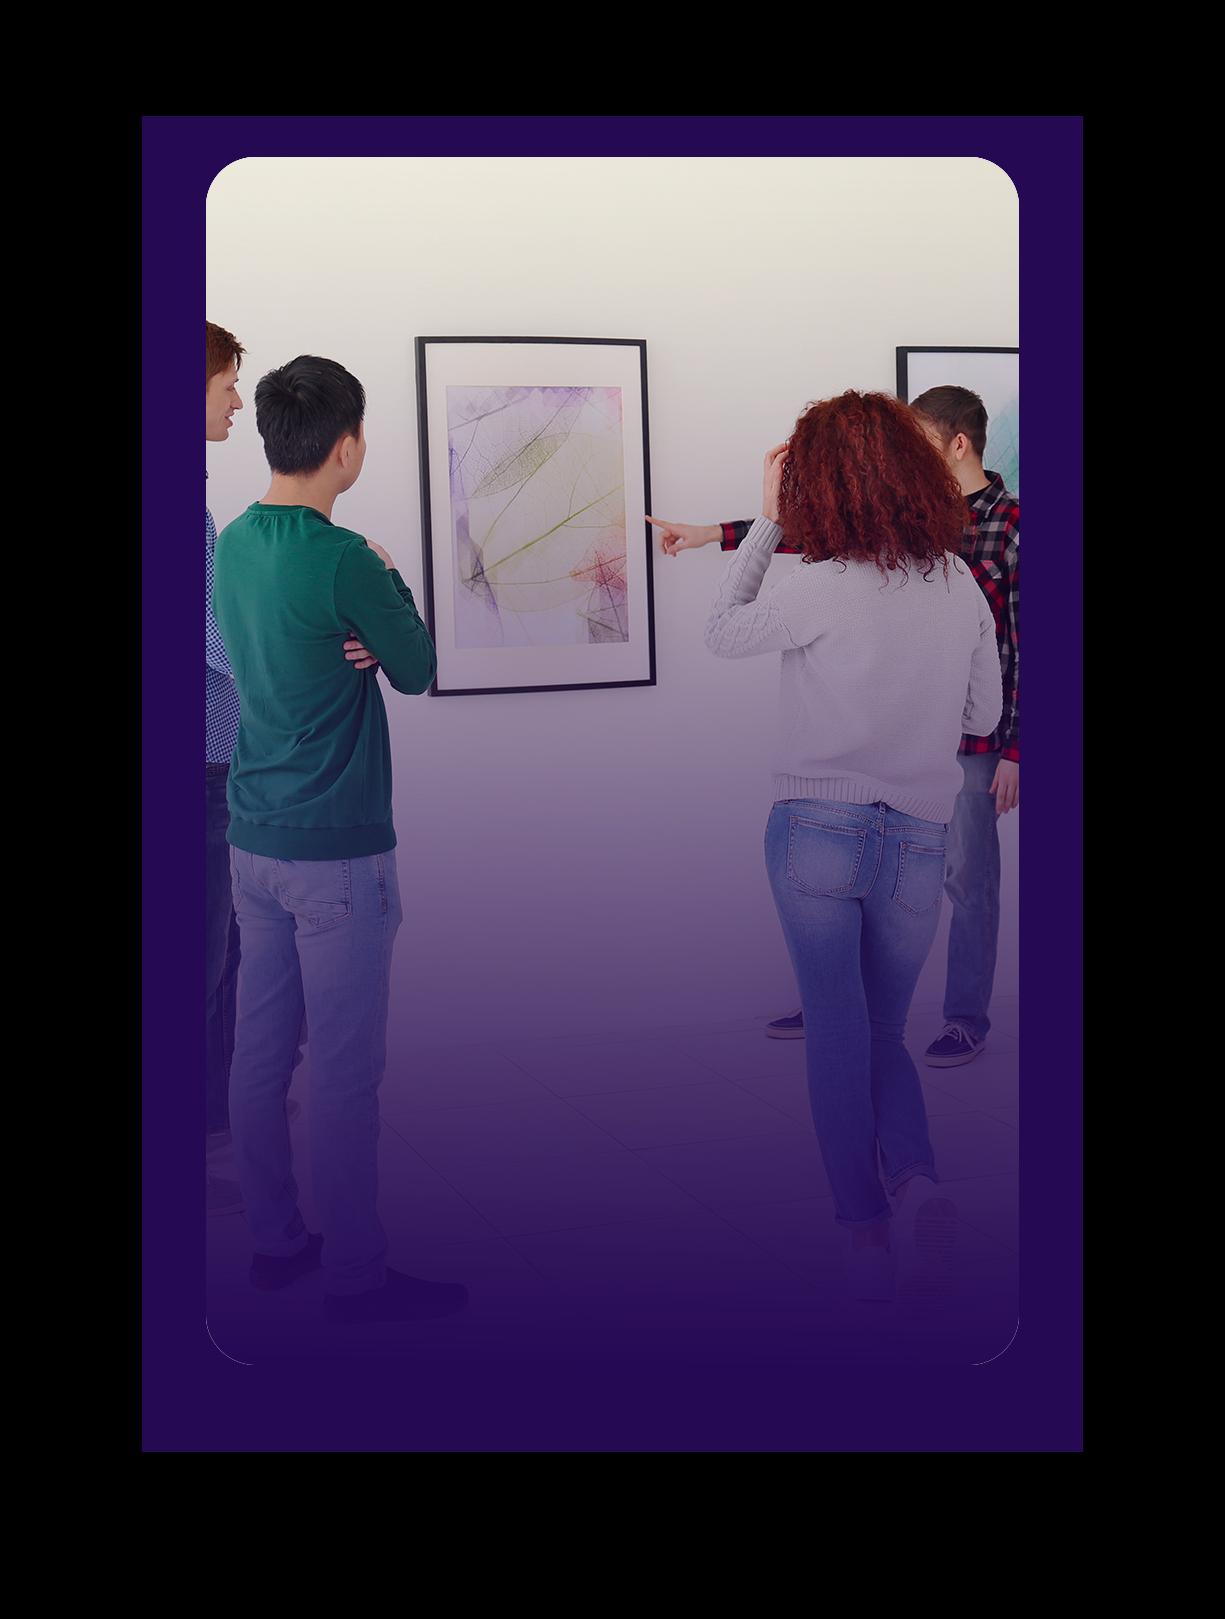 ici se trouve une photo de jeunes de dos dans une galerie qui regardent une oeuvre